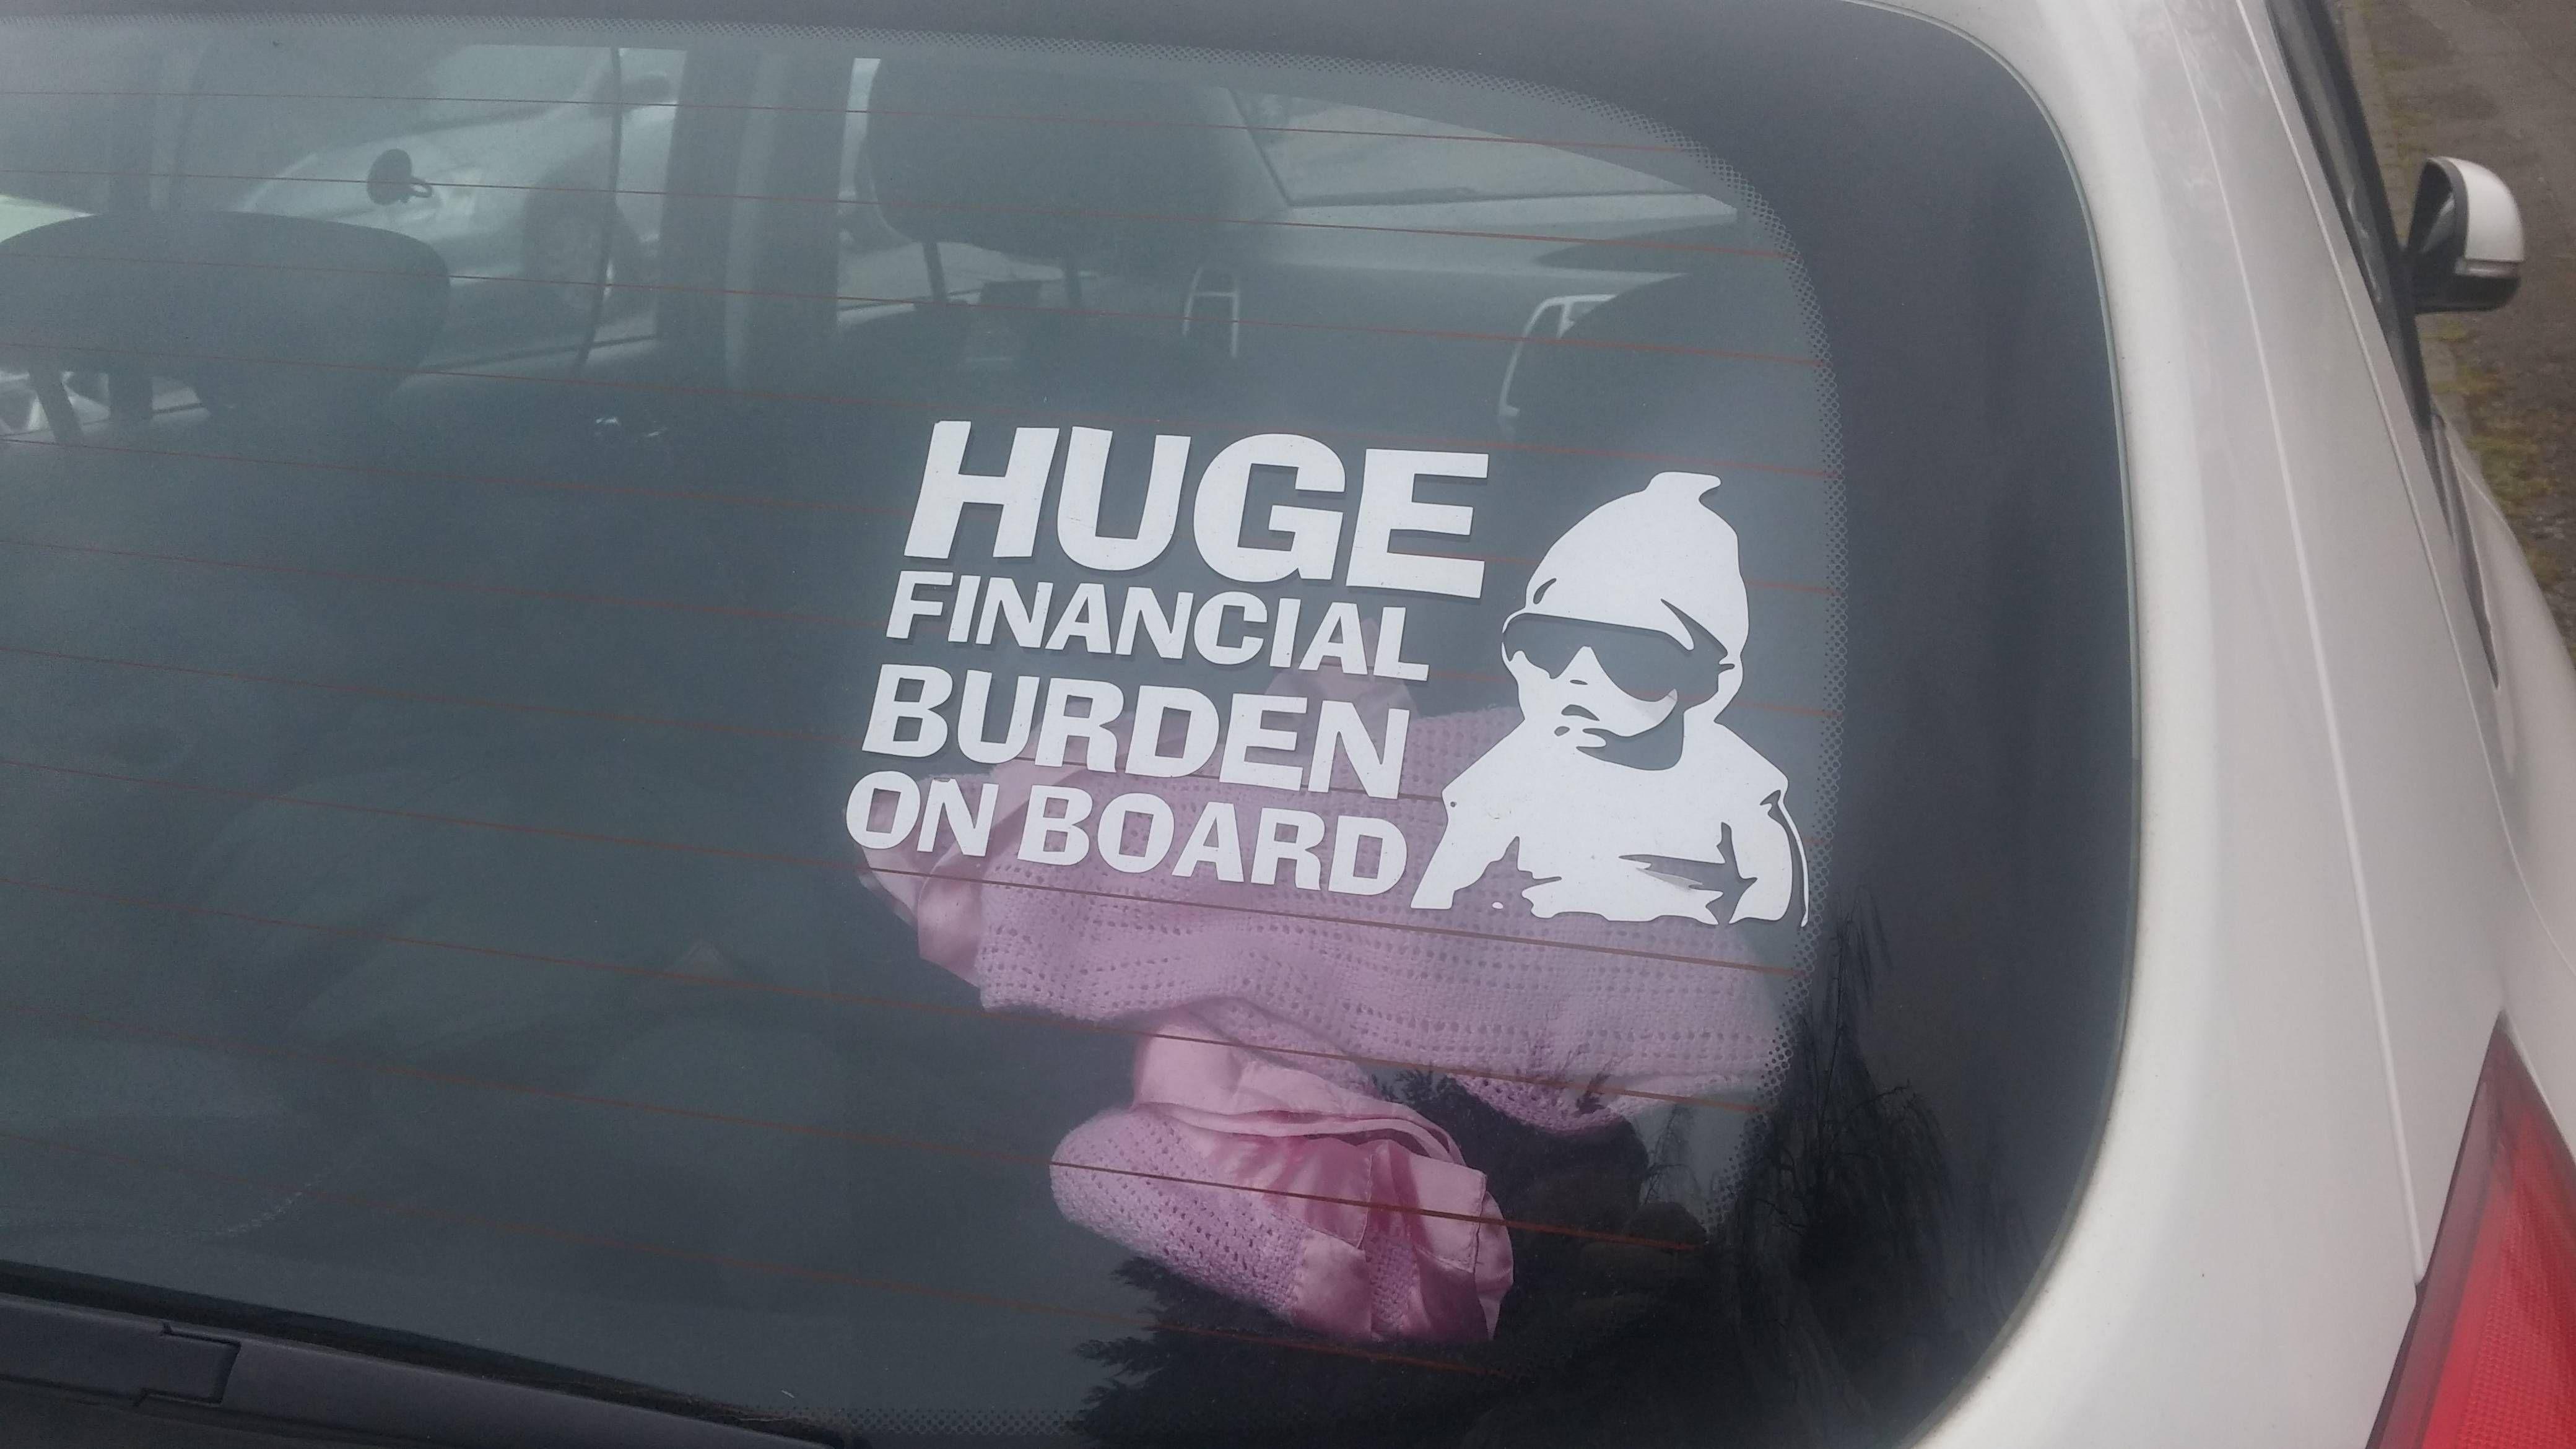 Honest bumper sticker